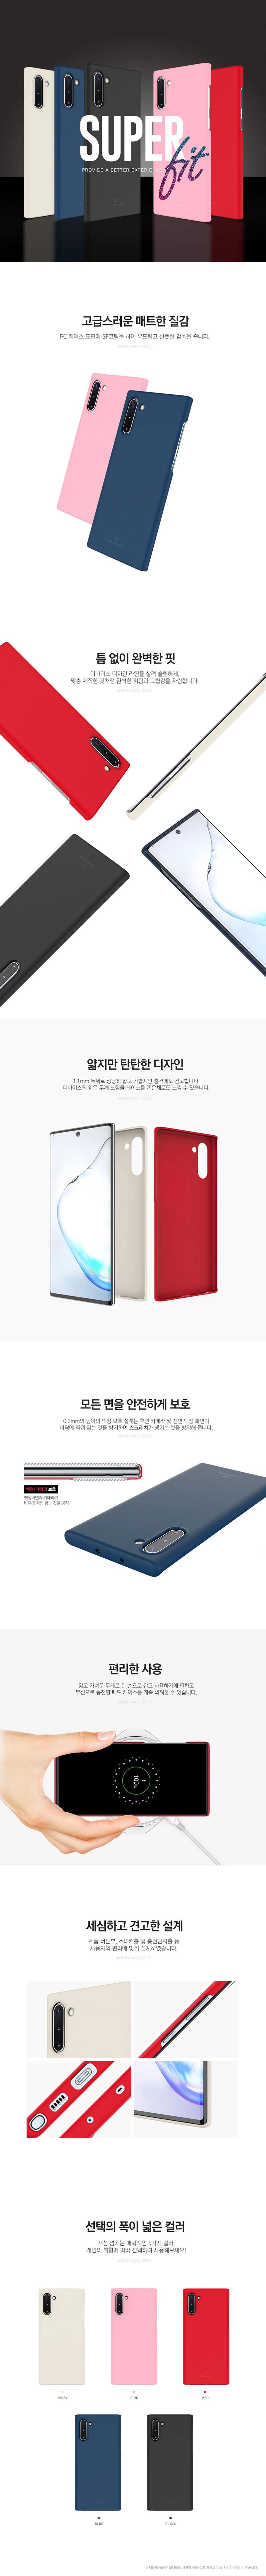 갤럭시 A90 5G 슈퍼 슬림 컬러 케이스 - 제네시스, 7,600원, 케이스, 기타 스마트폰